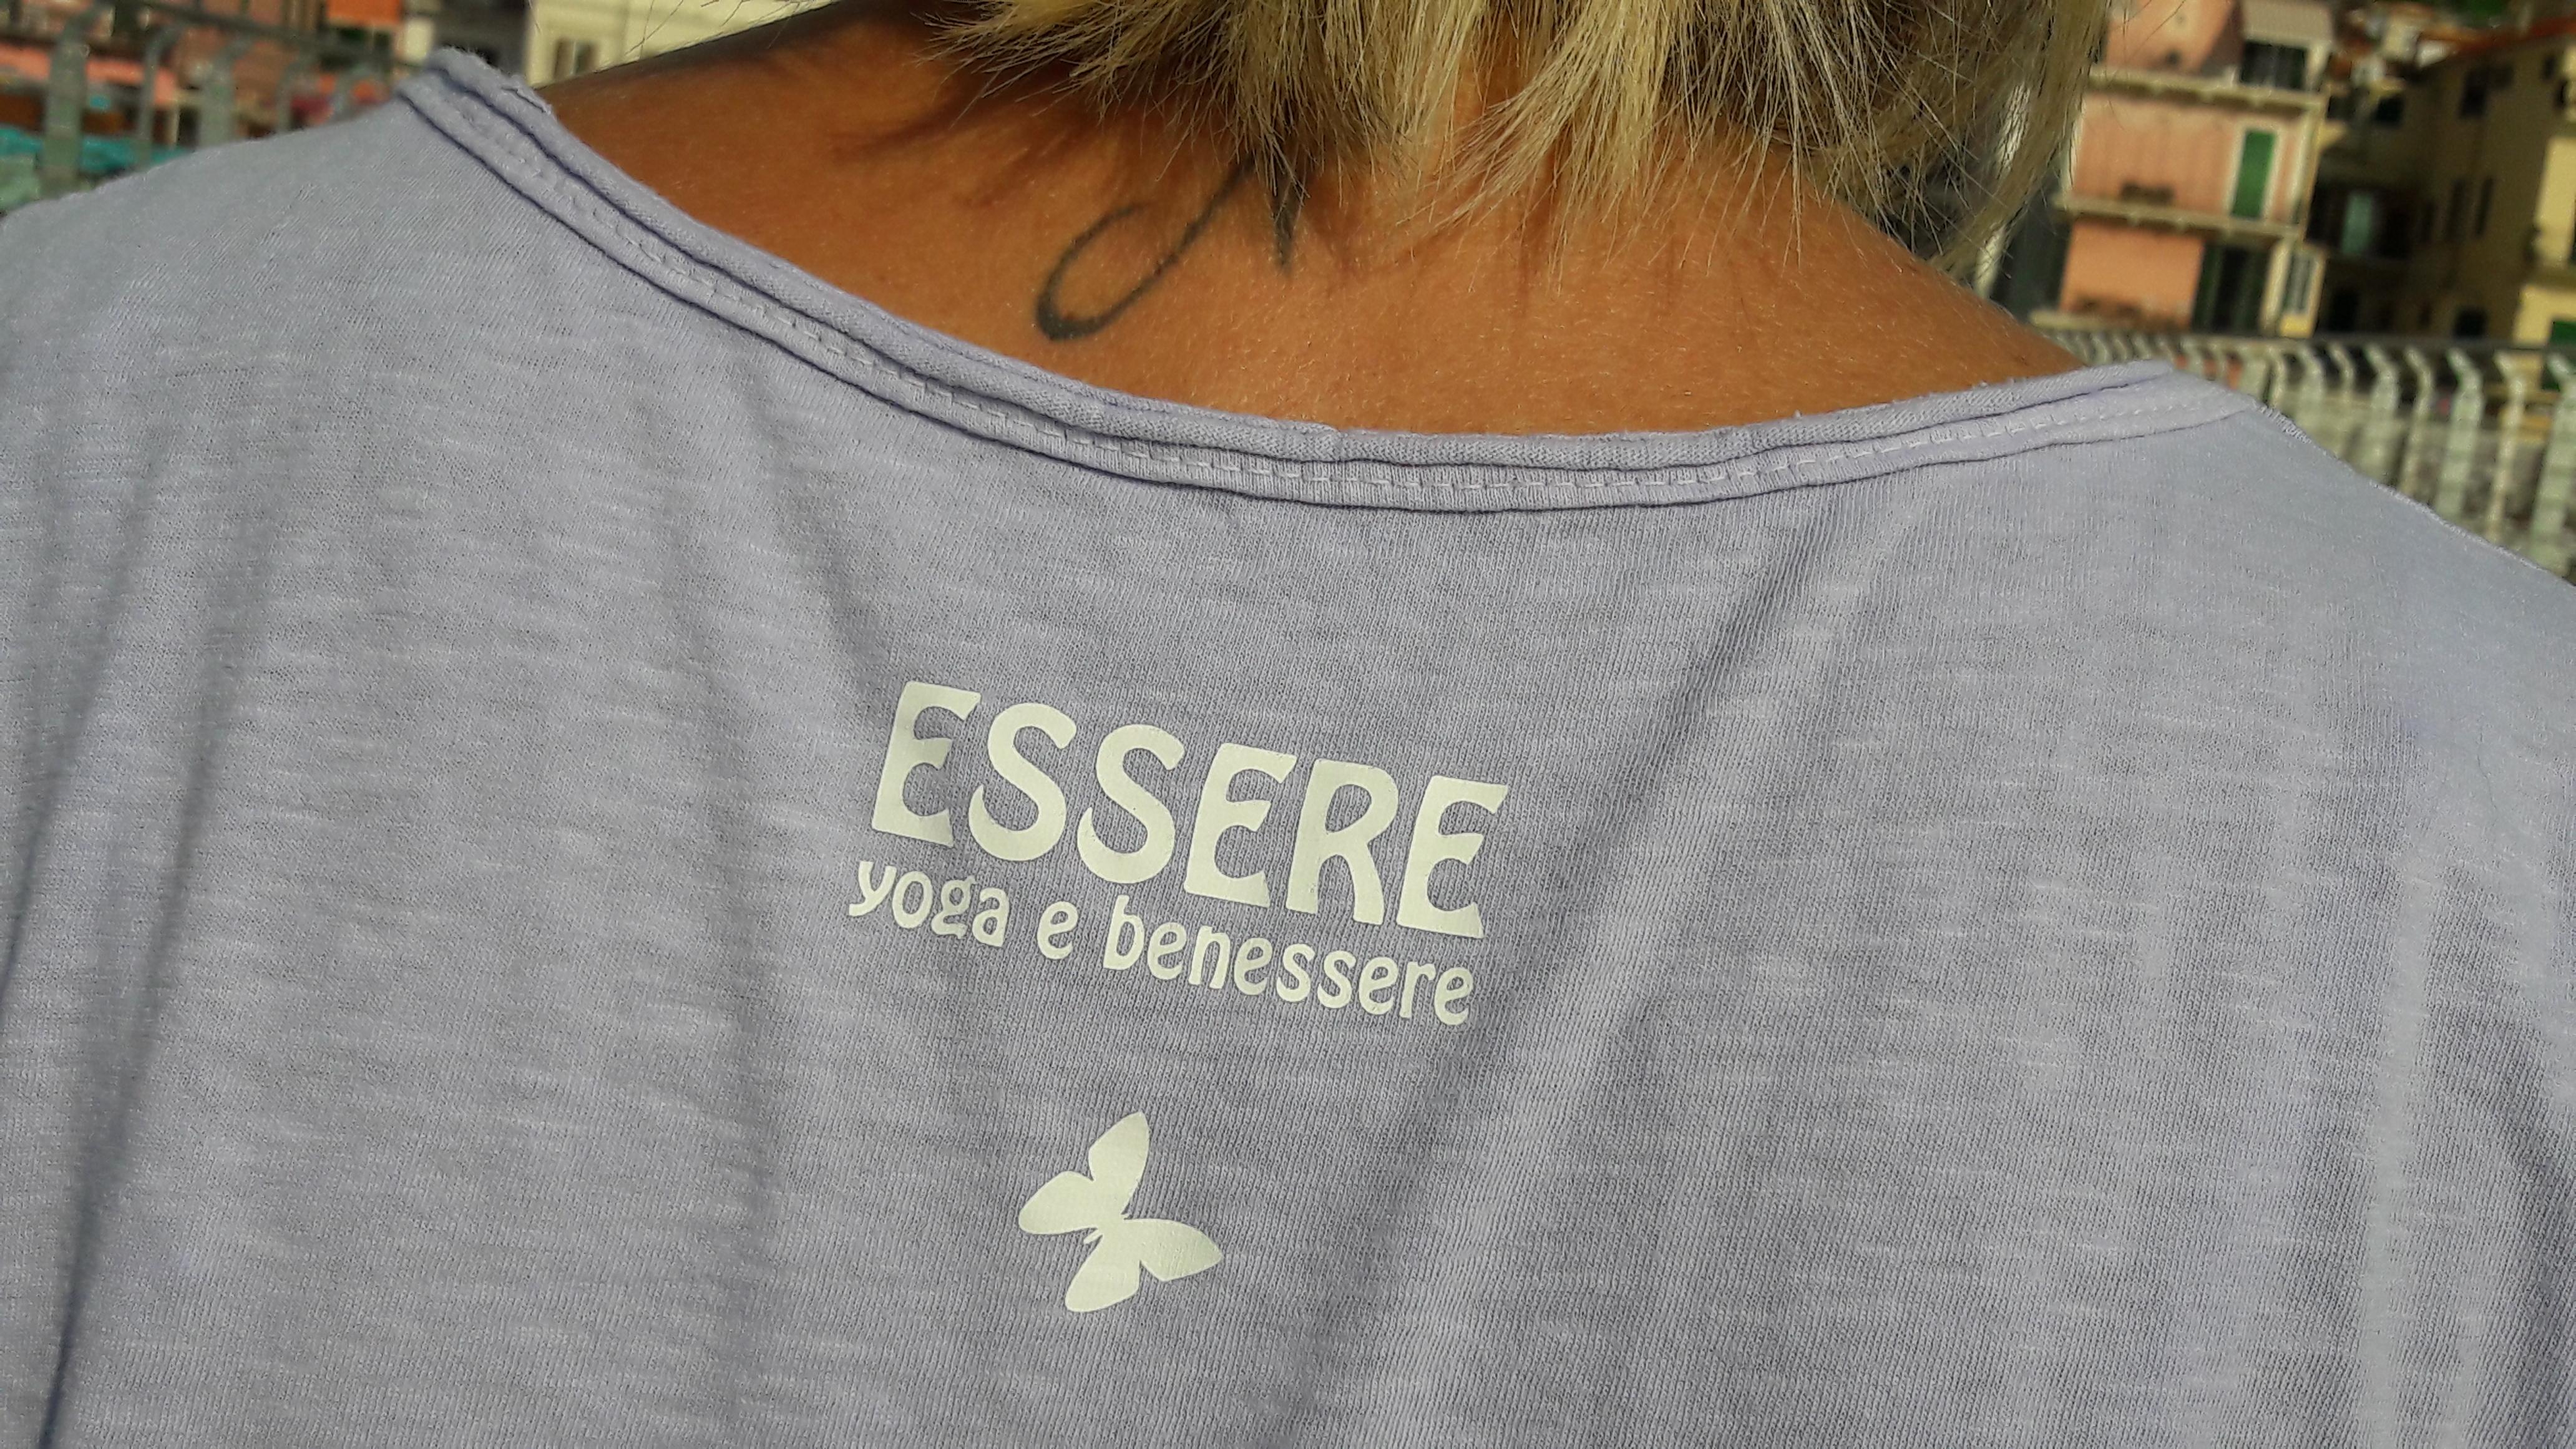 1_essere-free-yoga-gratuito-benessere-per-tutti-village-citta-alassio-estate-lucia-ragazzi-summer-town-wellness-111